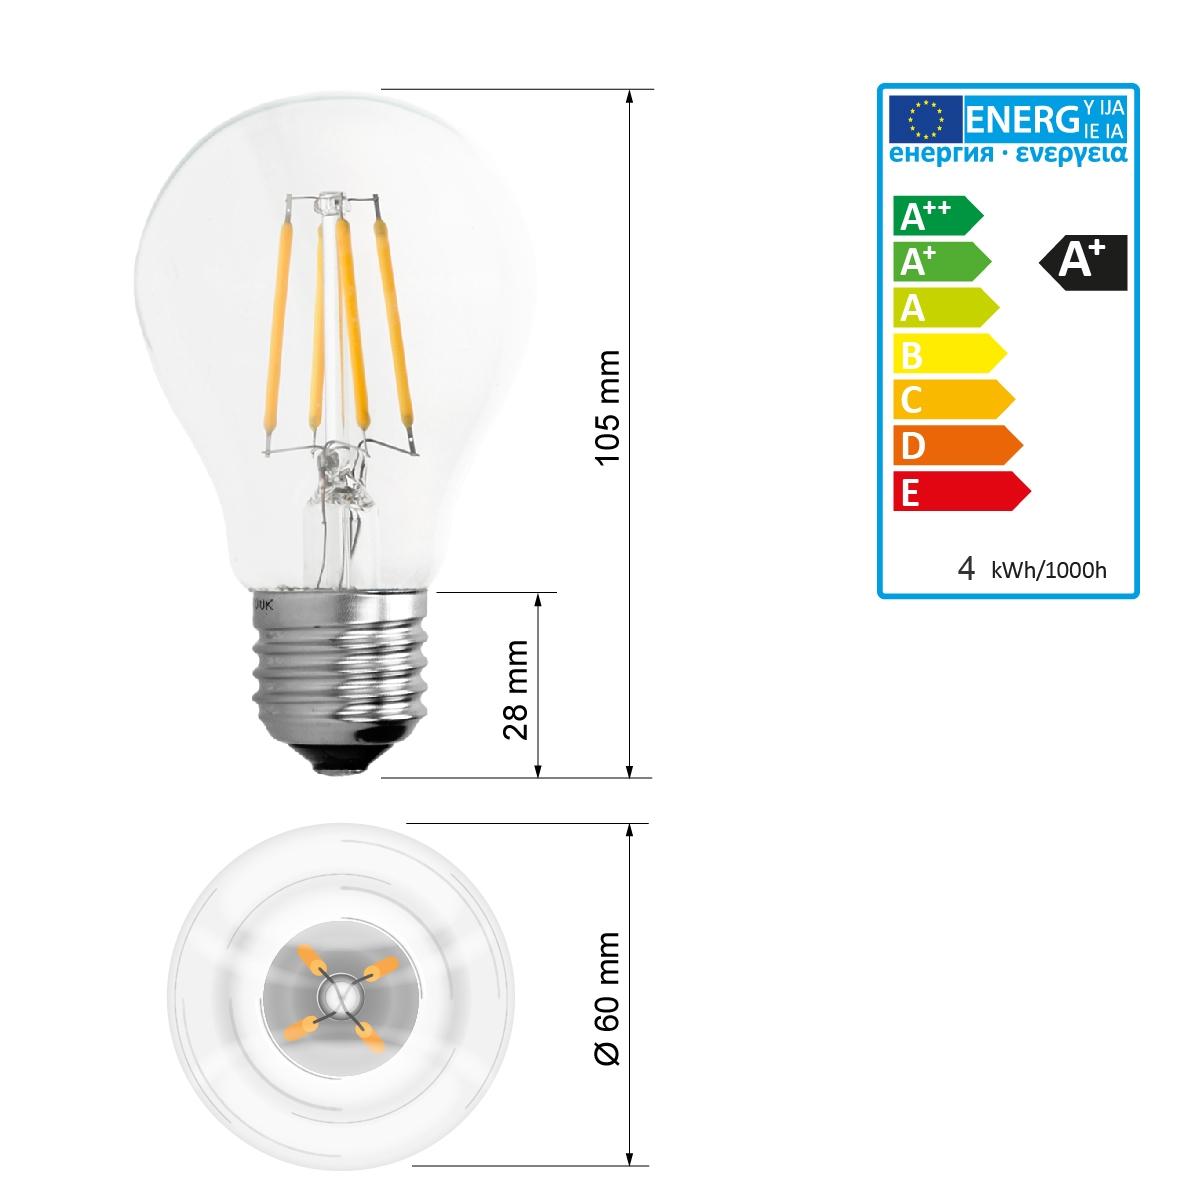 led birne e27 4w 6w 8w 10w kolben filament vintage lampe. Black Bedroom Furniture Sets. Home Design Ideas